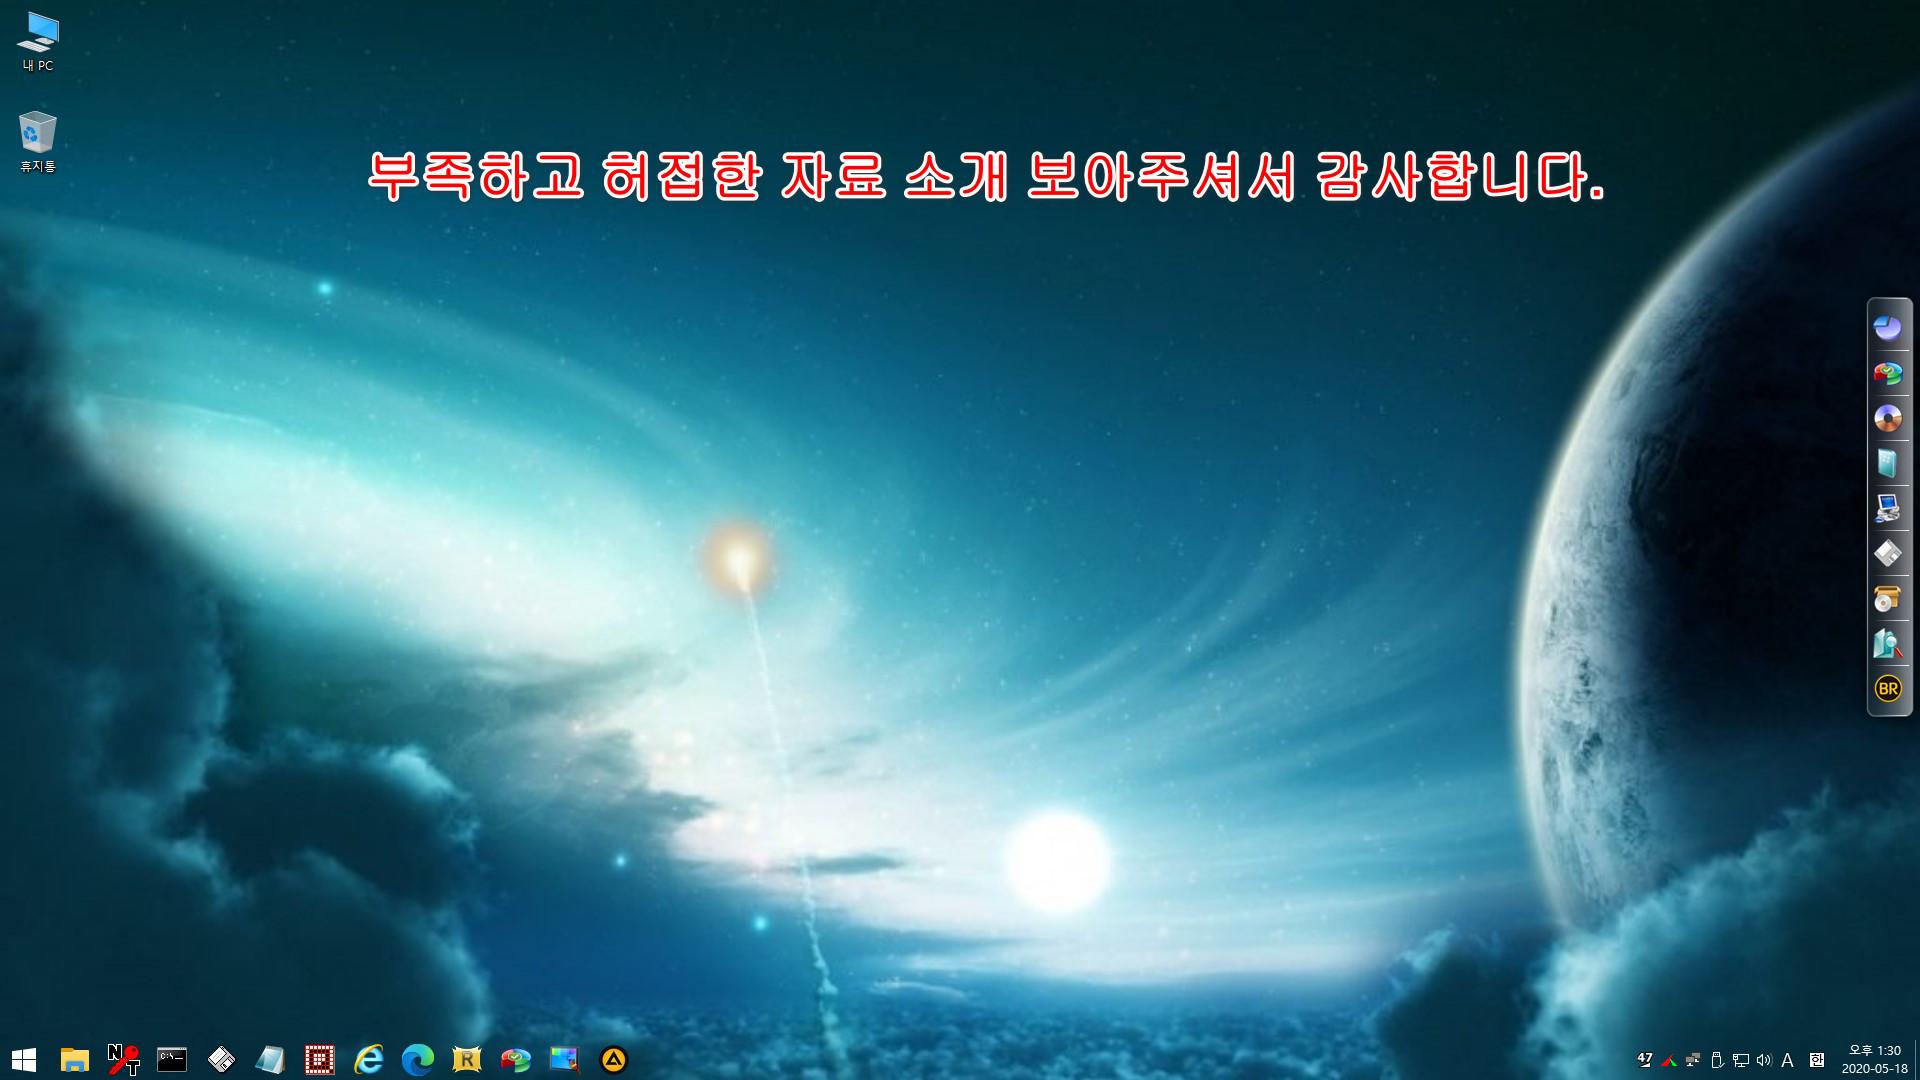 2020-05-18_133032.jpg